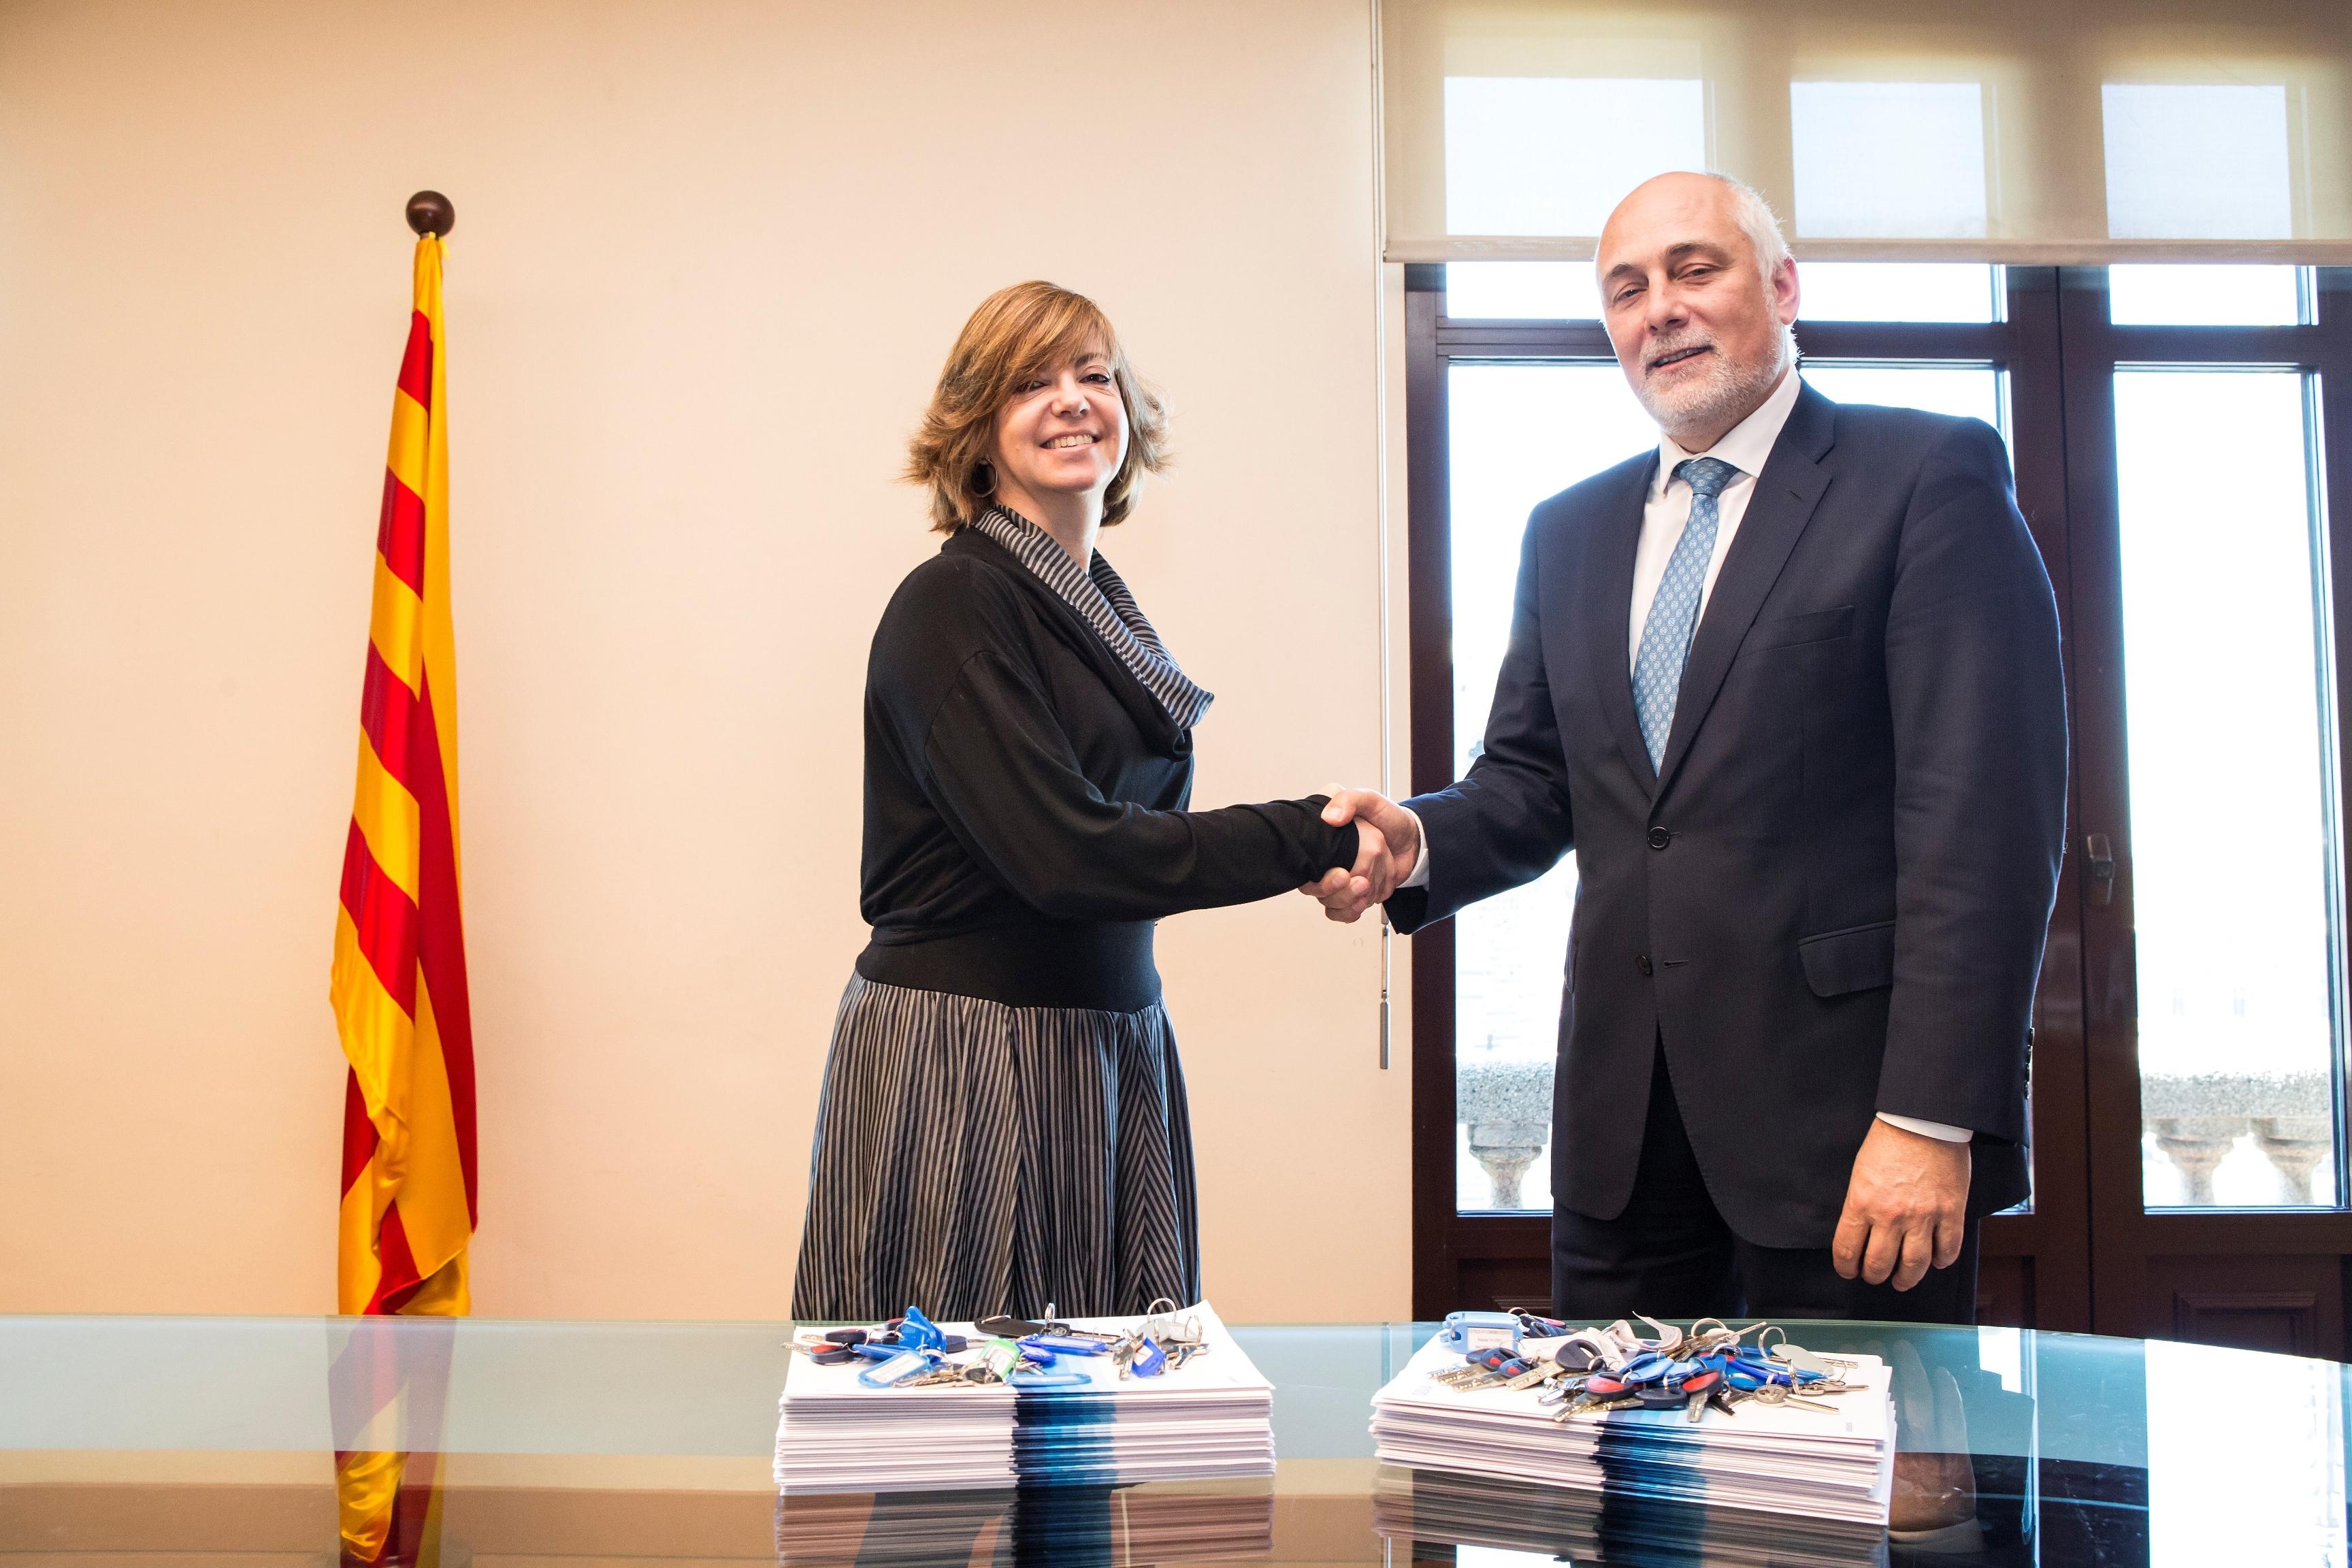 Meritxell Borràs, consellera de Governació, Administracions Públiques i Habitatge i Christian Terribas, director territorial de BBVA a Barcelona